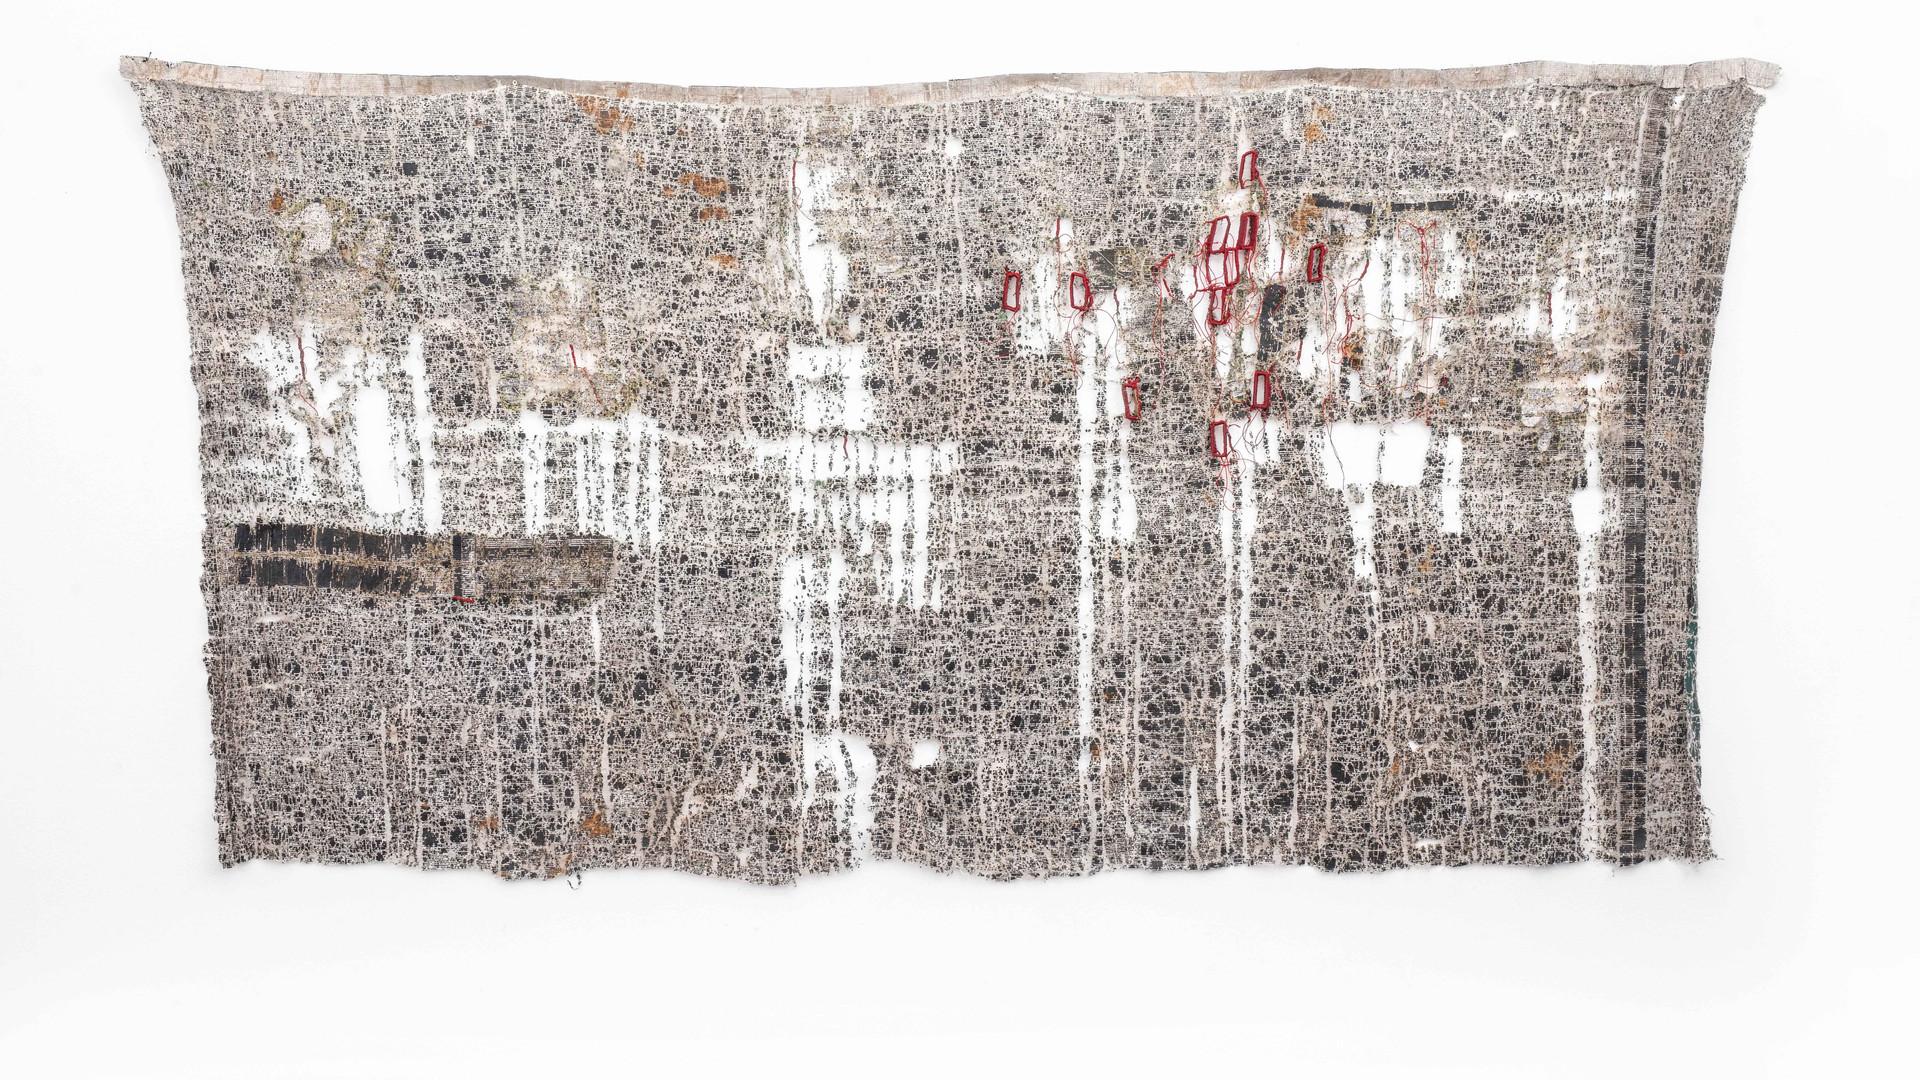 Wallen Mapondera | Mabhindauko | 2018 - 2020 | Installation View